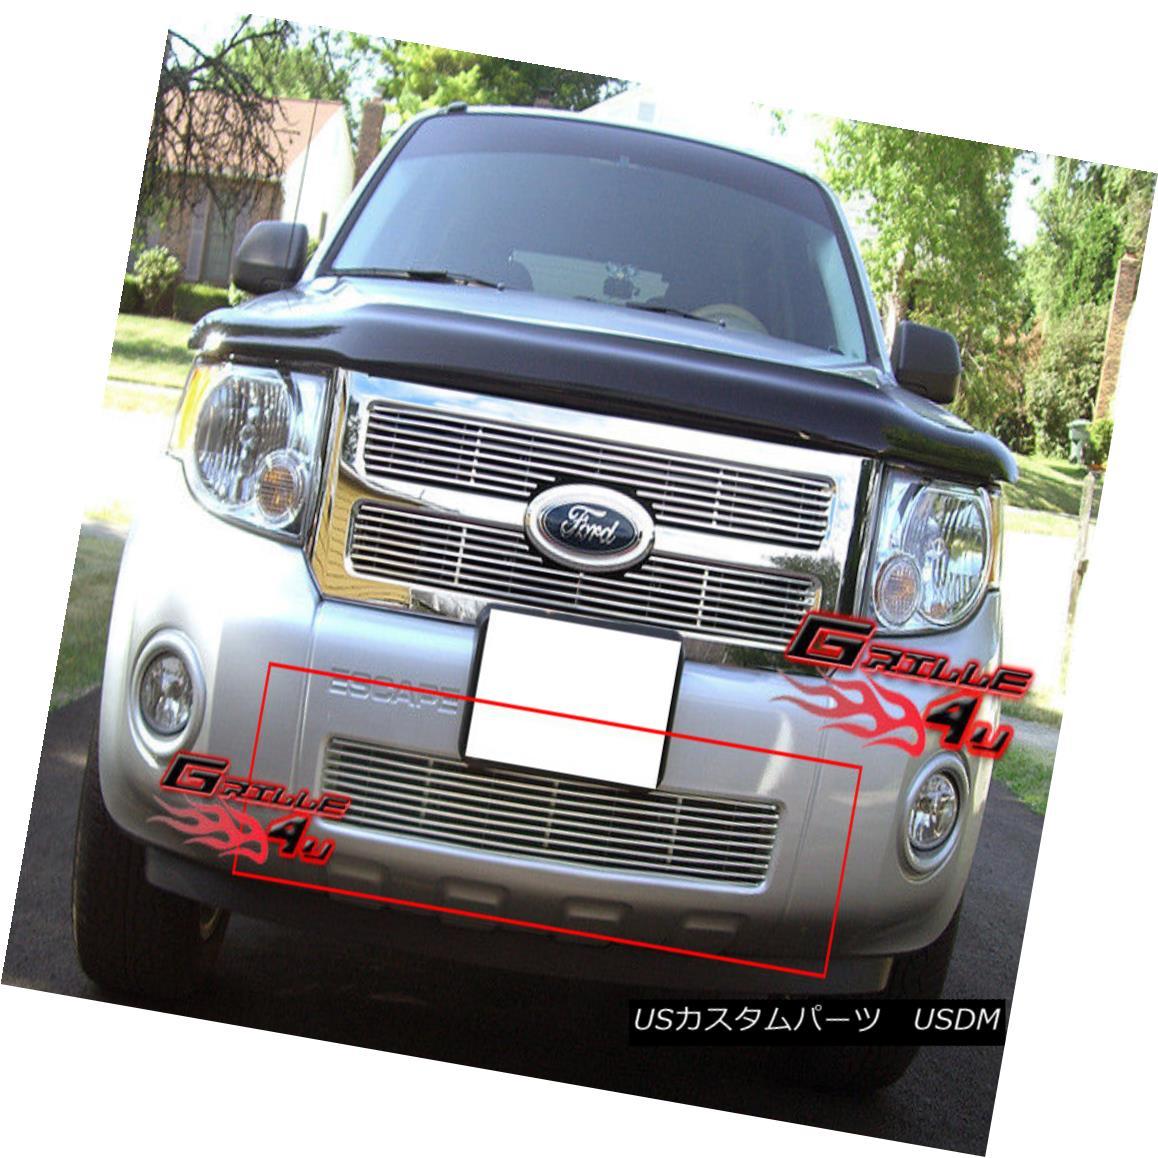 グリル Fits 08-11 2011 Ford Escape Lower Bumper Billet Grille Insert フィット2011年8月11日フォードエスケープロワーバンパービレットグリルインサート